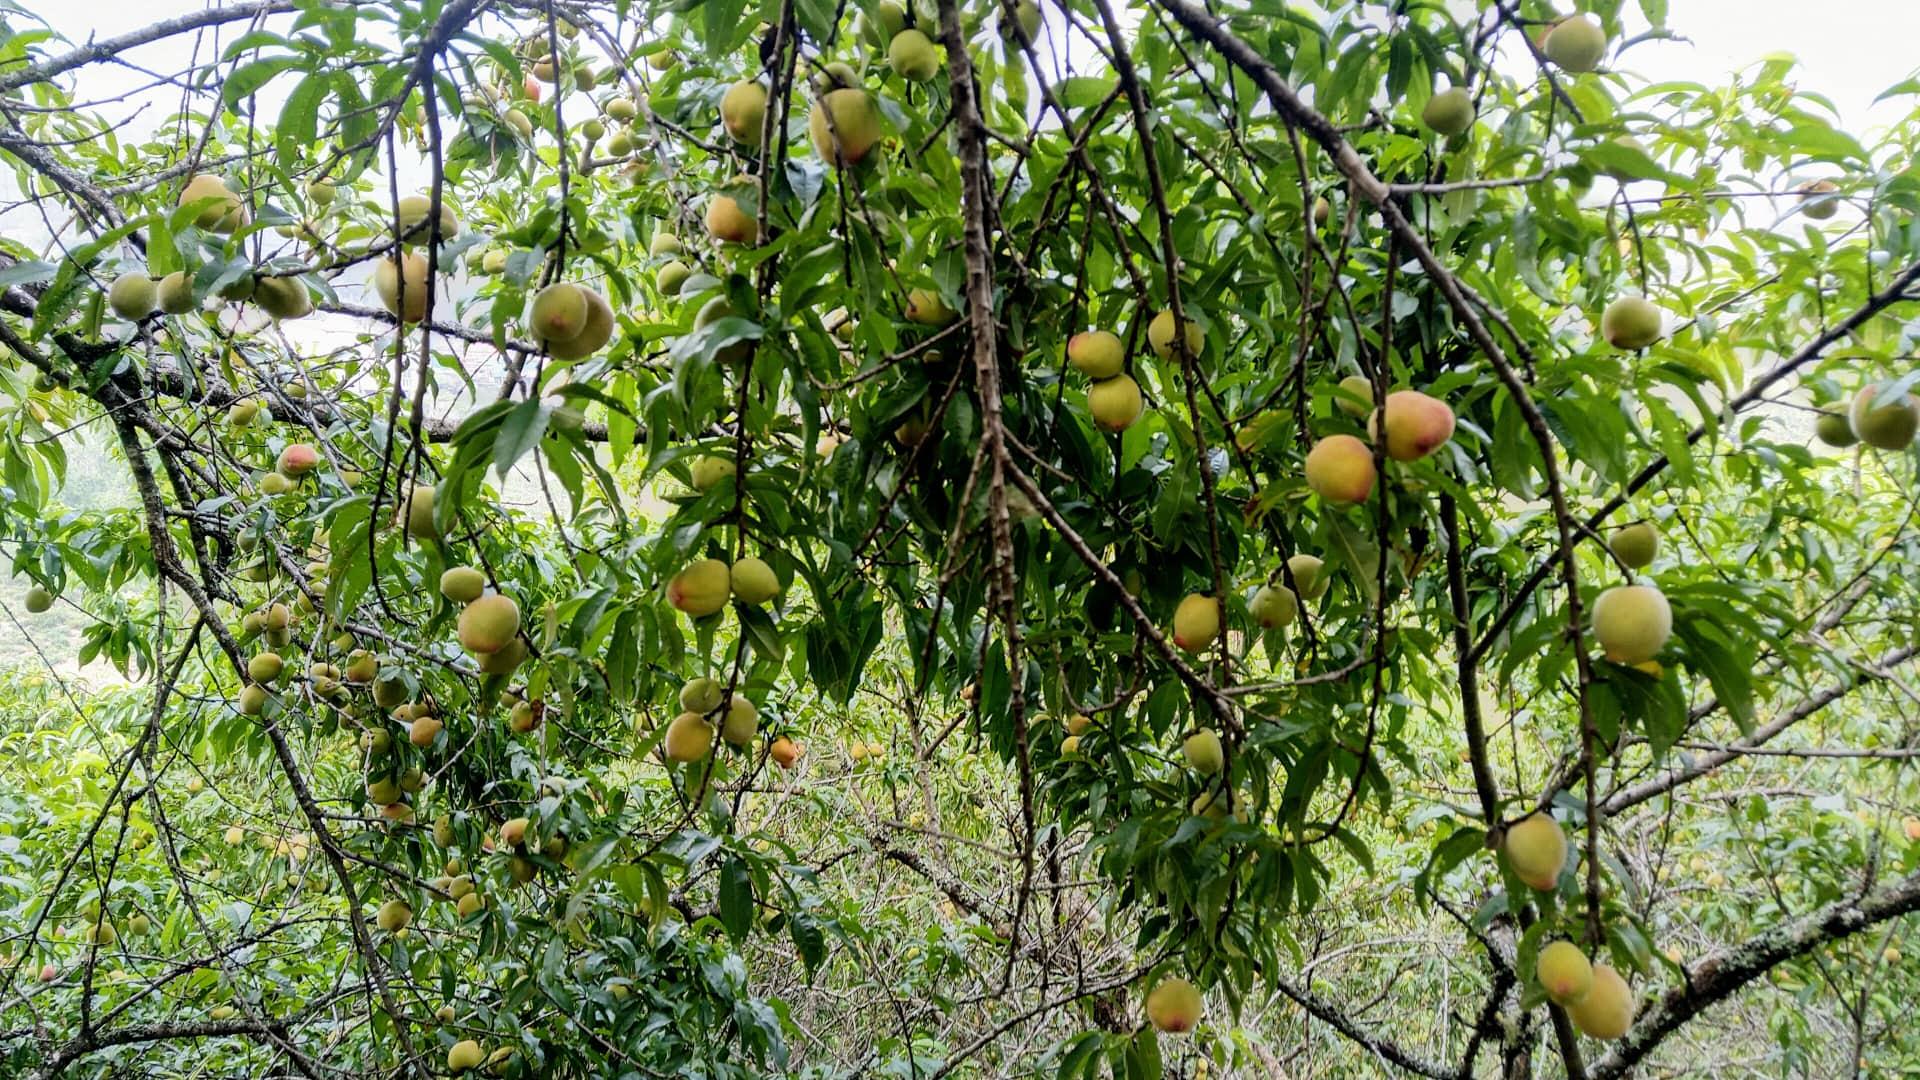 hoa quả đặc sản sapa